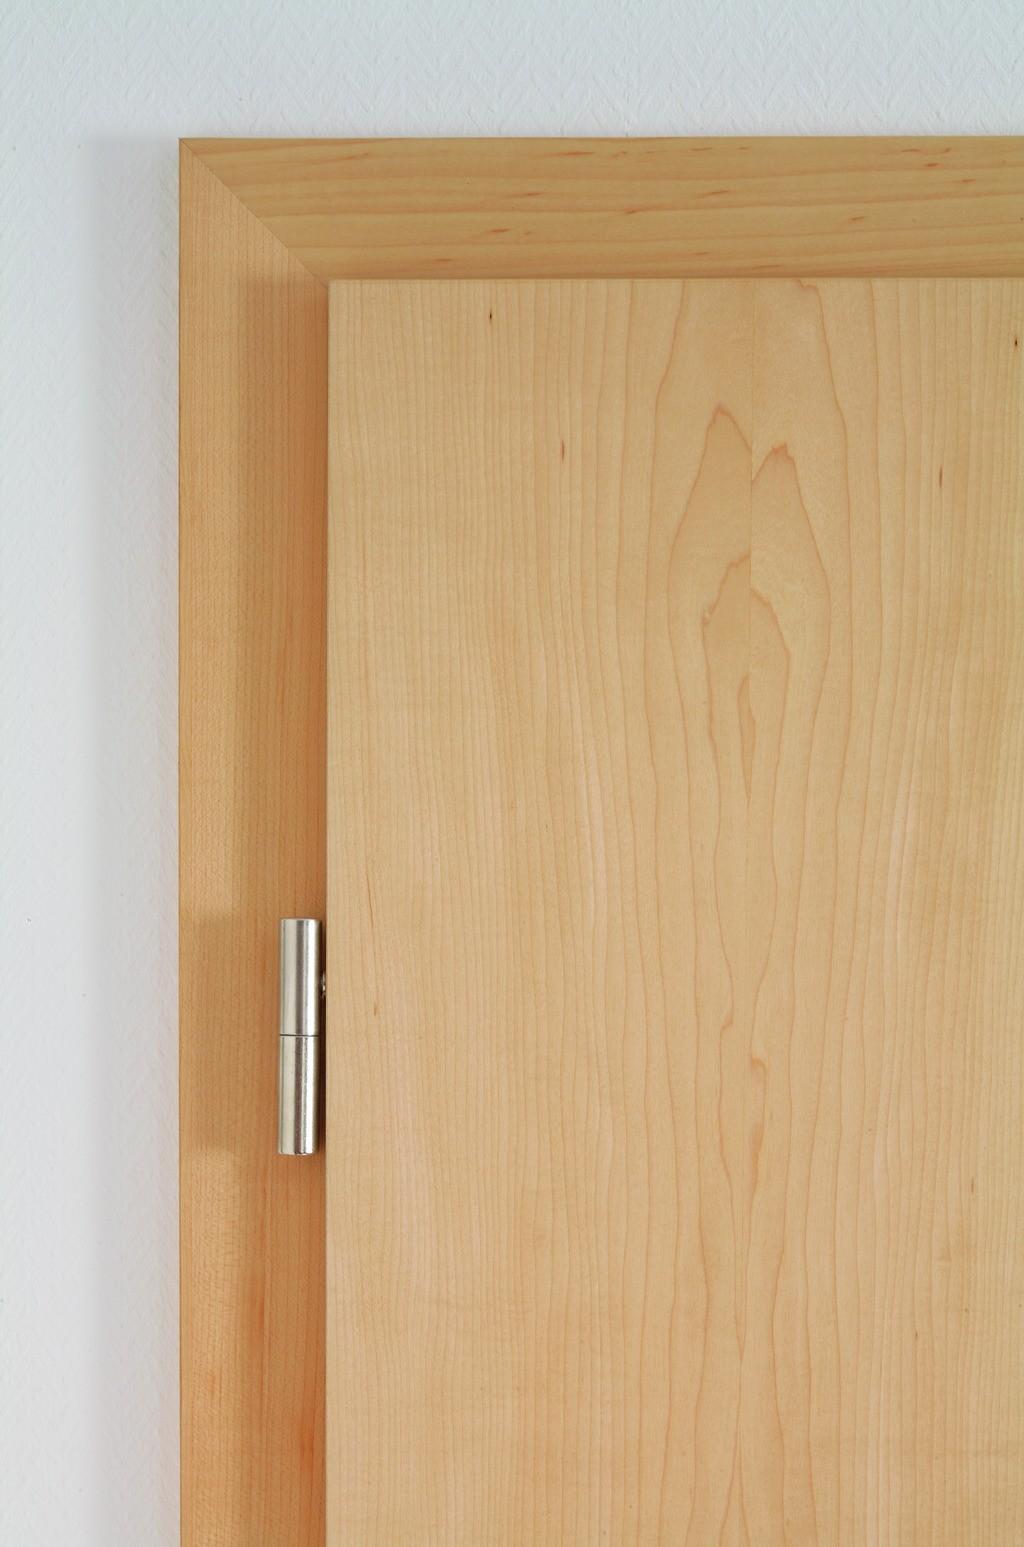 Profile für Türrahmen für die Türenindustrie